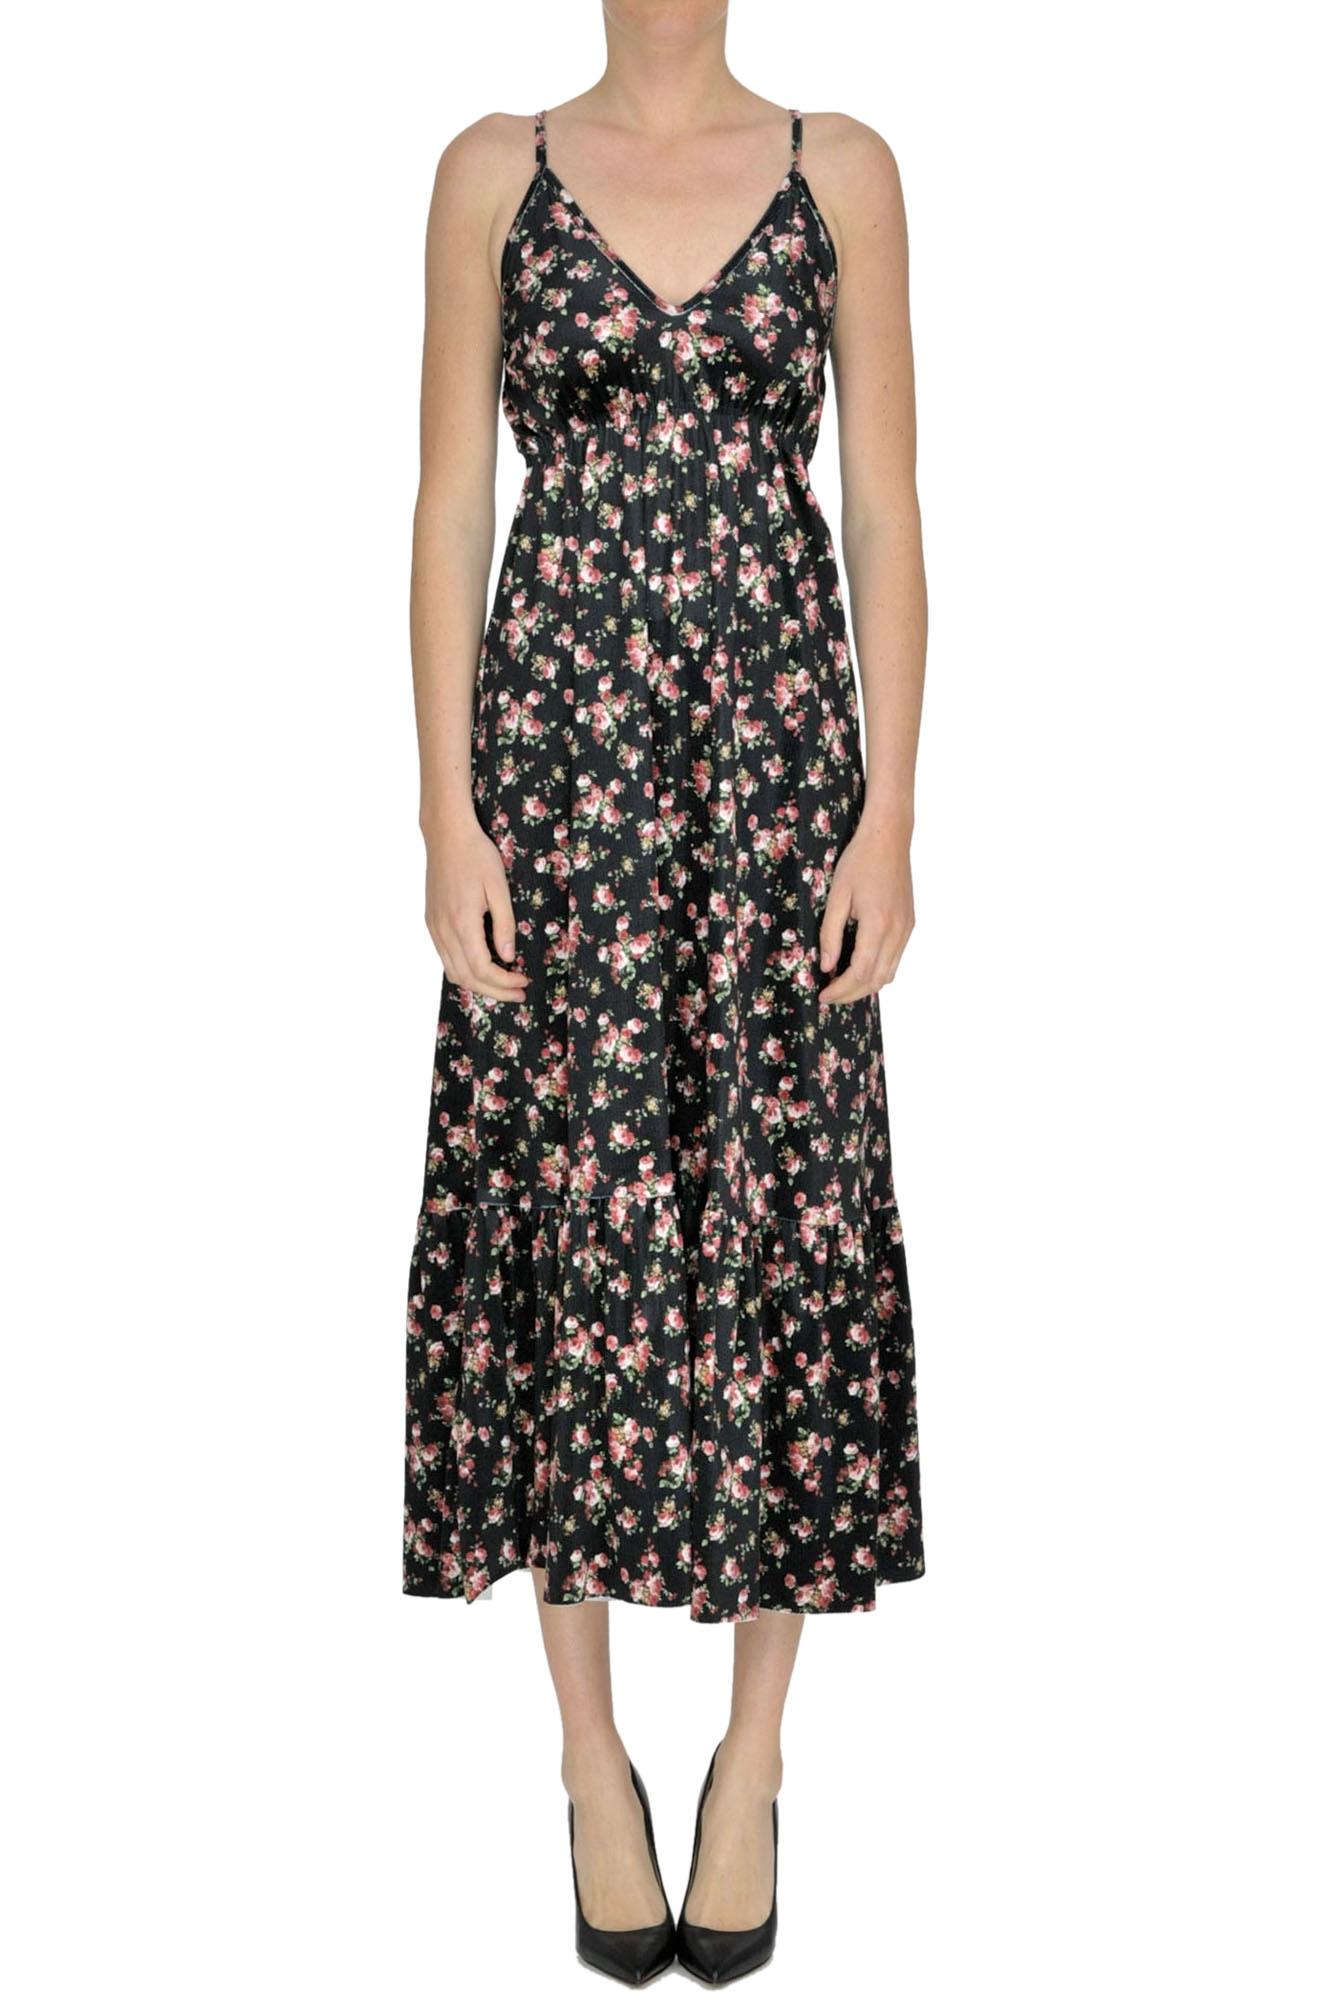 GAELLE PARIS Flower Print Velvet Dress in Multicoloured